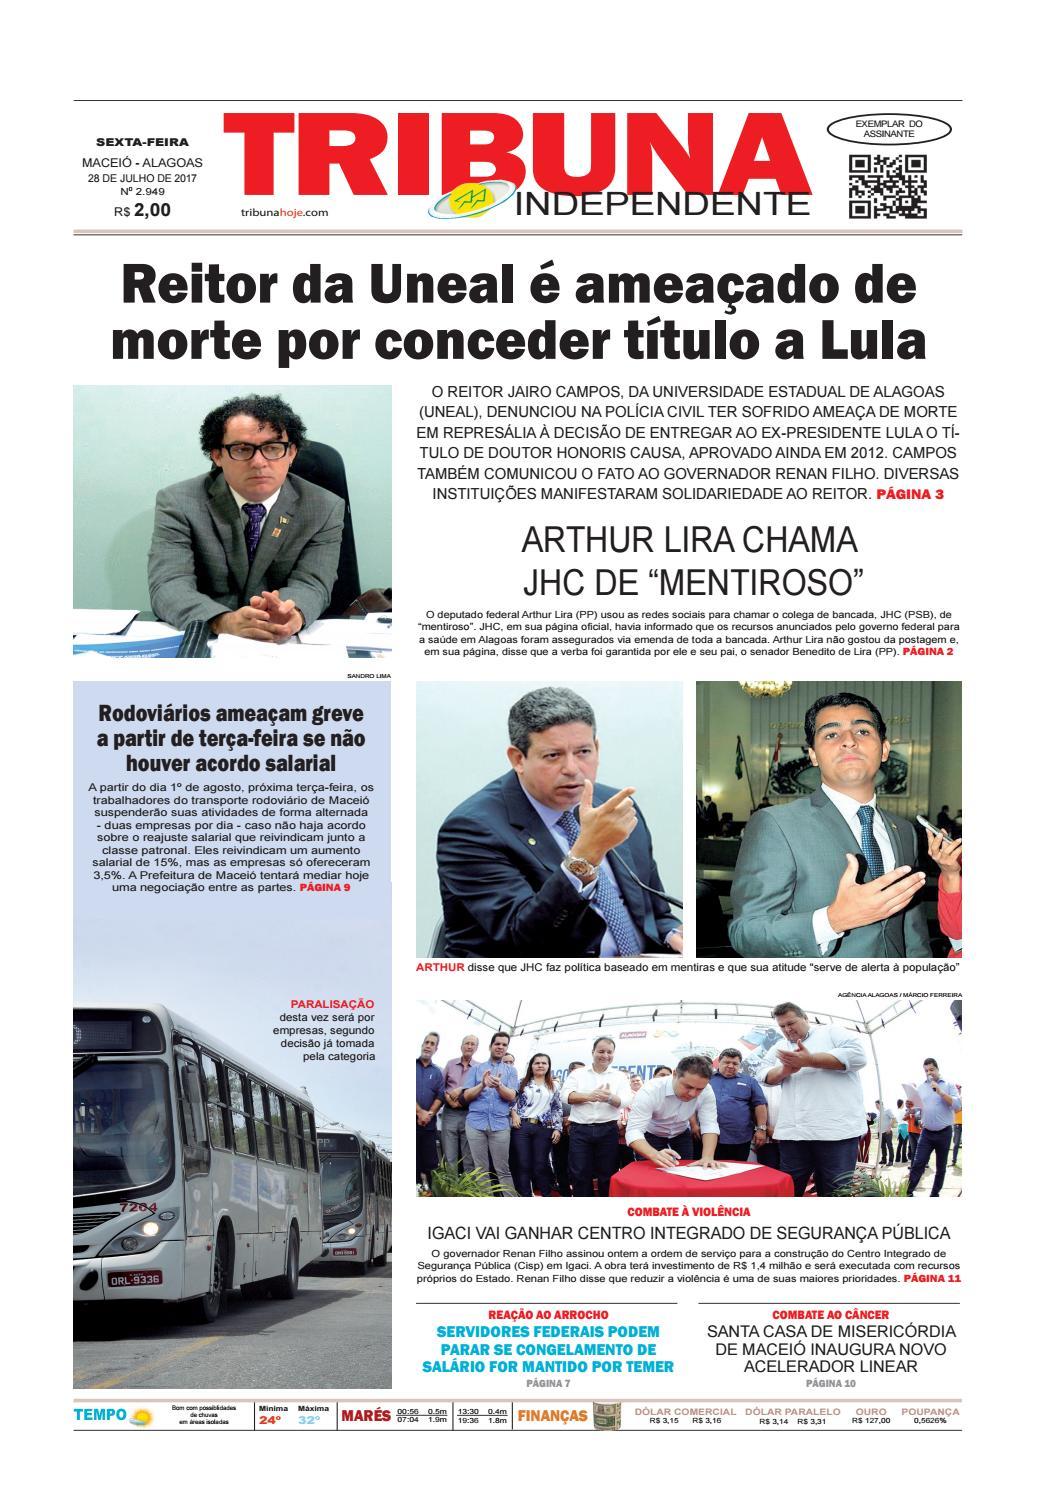 ae34613cd Edição número 2949 - 28 de julho de 2017 by Tribuna Hoje - issuu